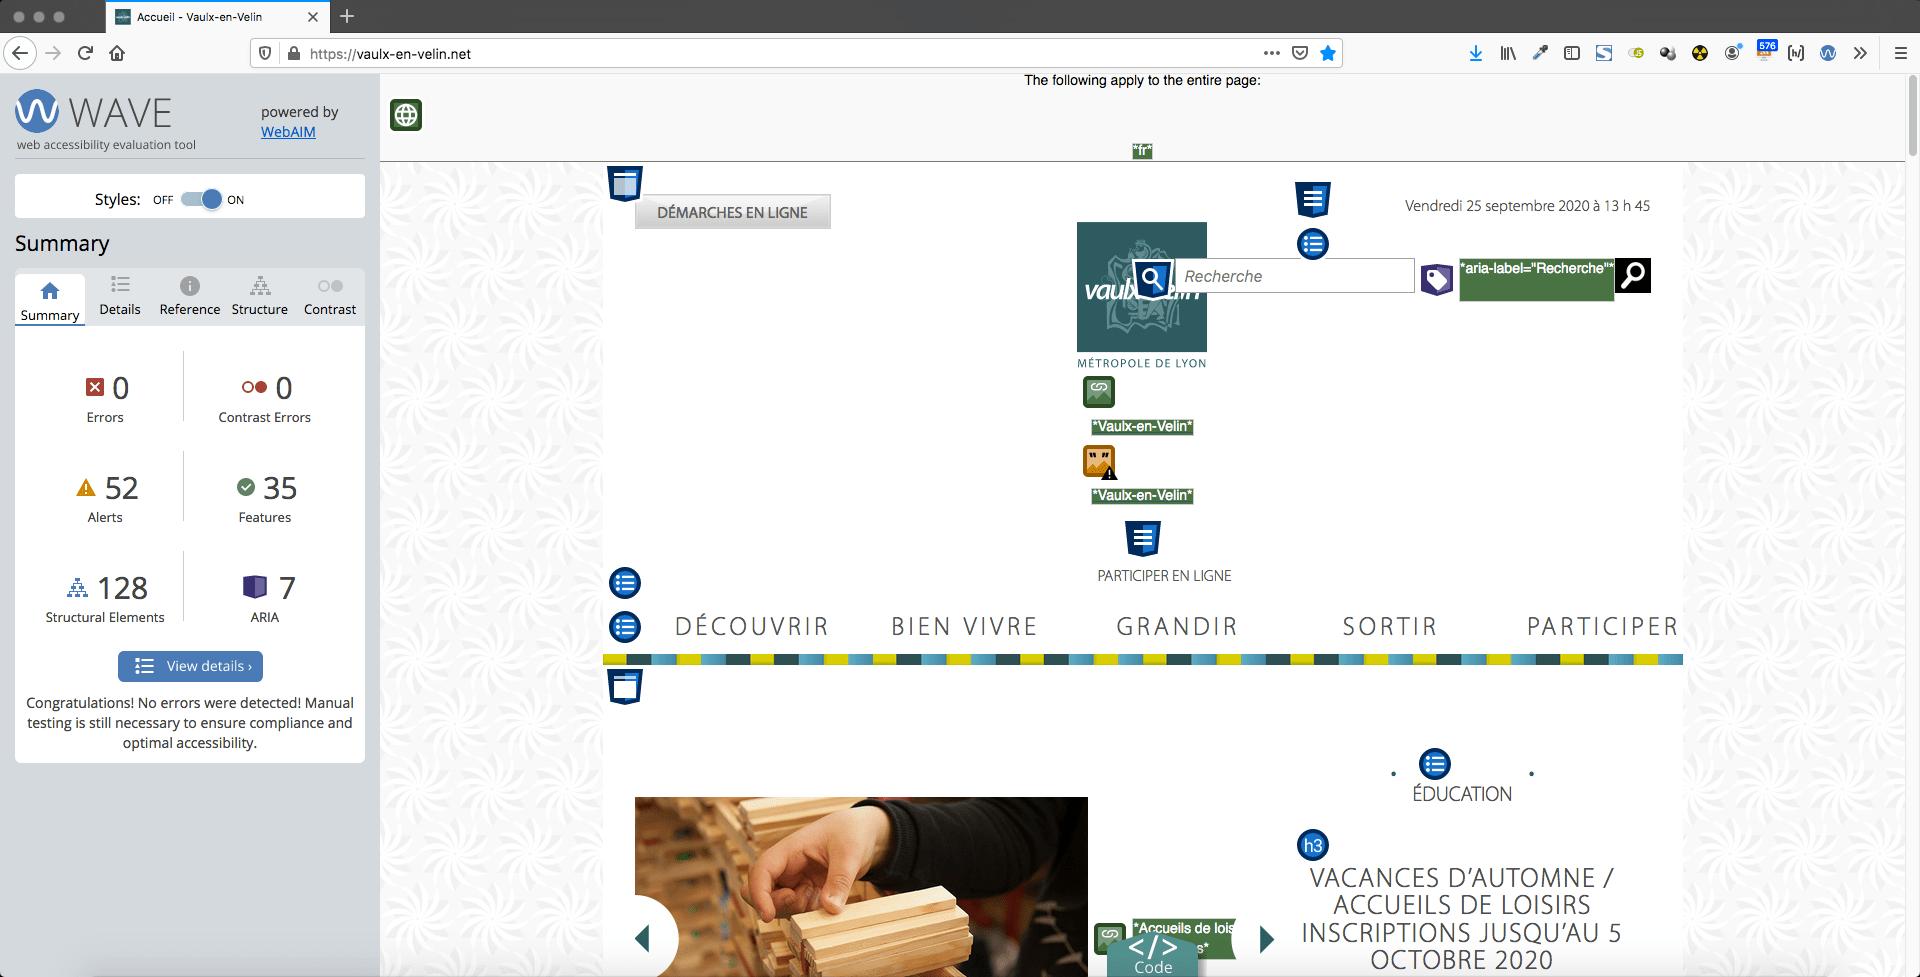 test d'accessibilité sur la page d'accueil du site internet de la Ville vaulx-en-velin.net - 25 septembre 2020